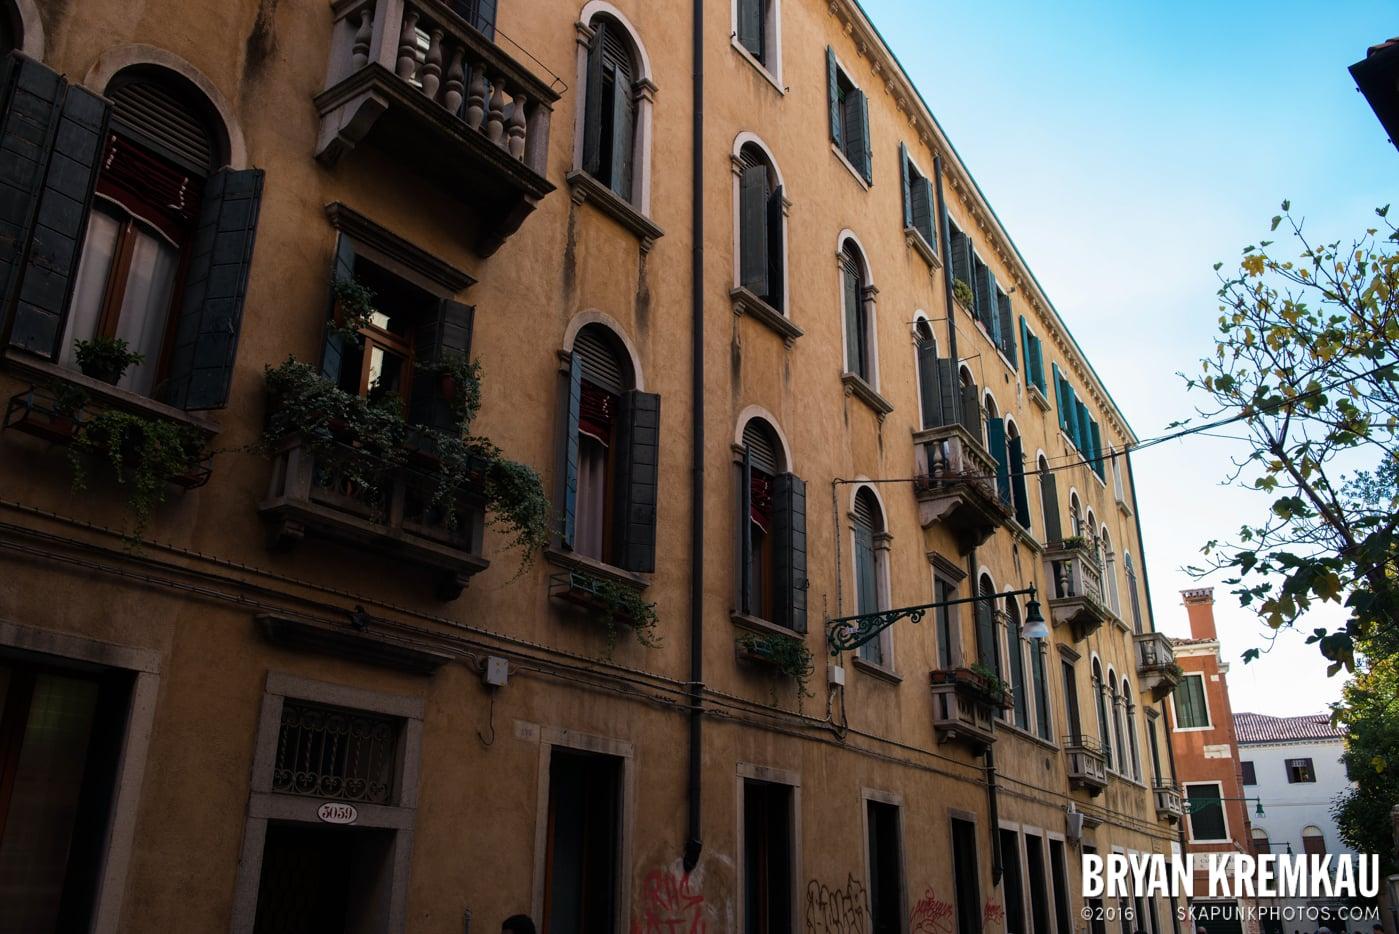 Italy Vacation - Day 4: Venice - 9.12.13 (33)